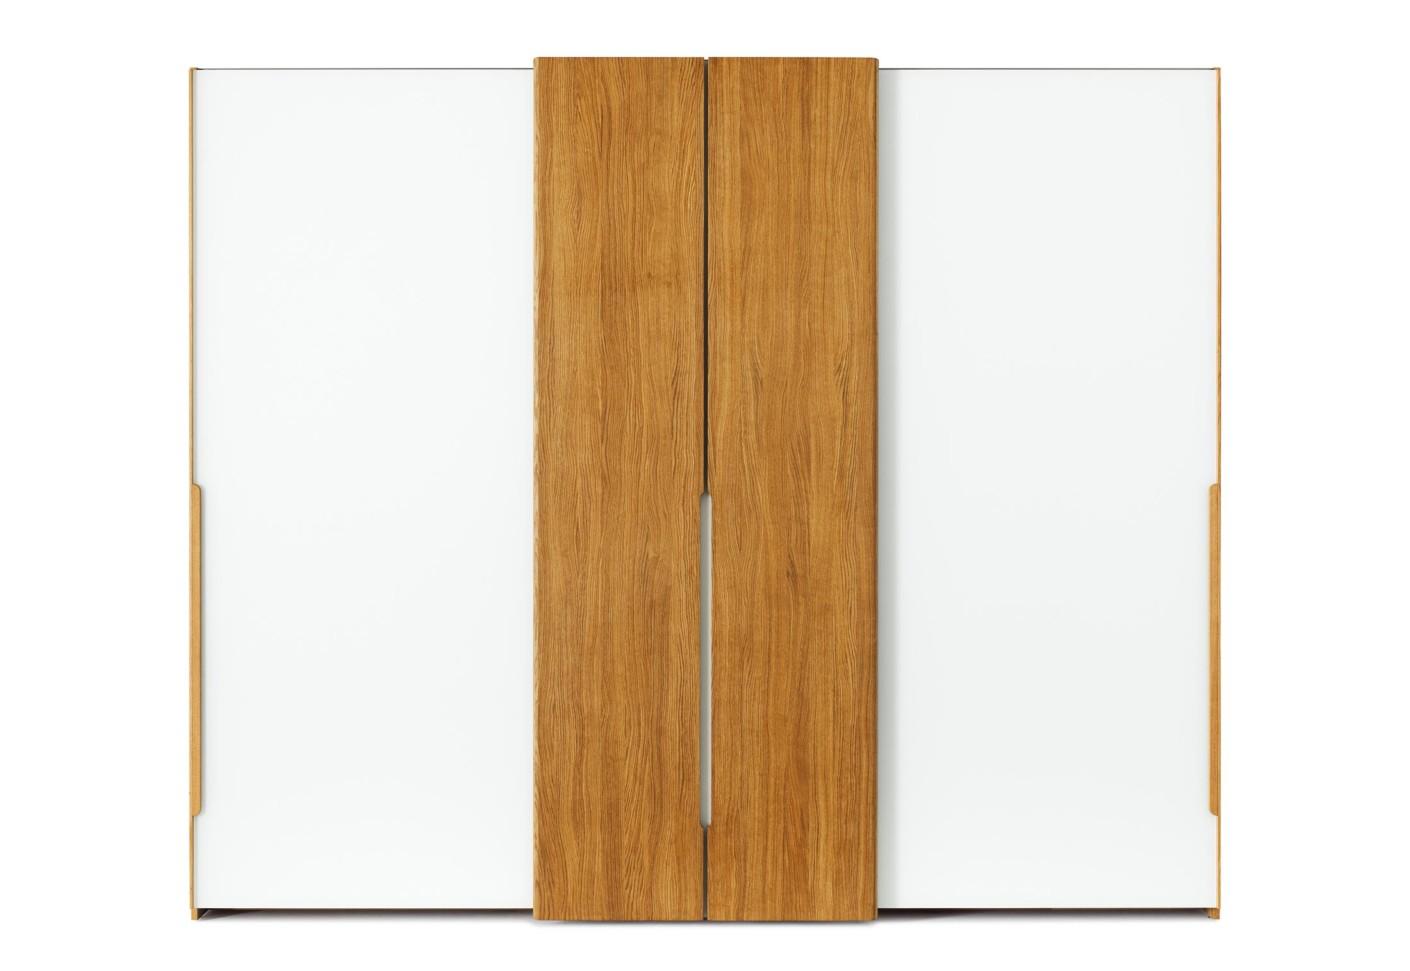 nox schrank von team 7 stylepark. Black Bedroom Furniture Sets. Home Design Ideas